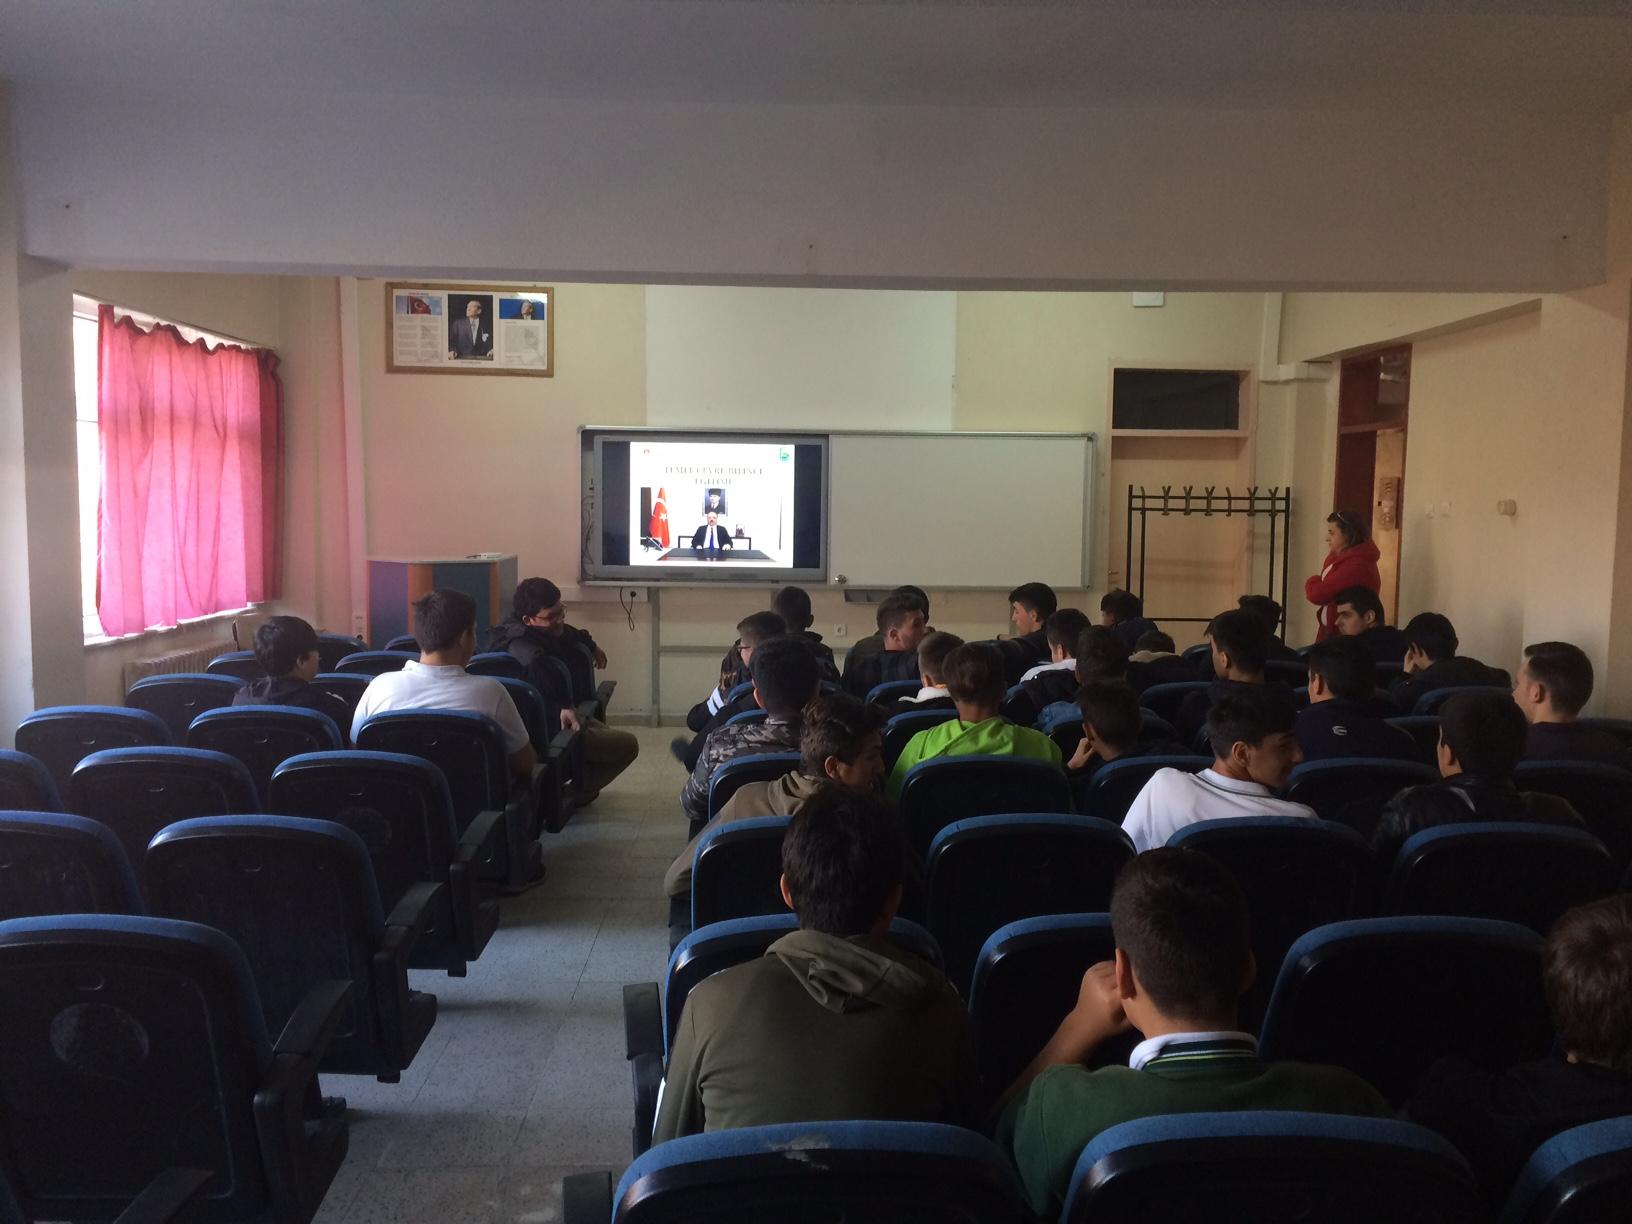 Şehit Musa Aytar Mesleki ve Teknik Anadolu Lisesi'nde Sıfır Atık Konulu Eğitim Verildi